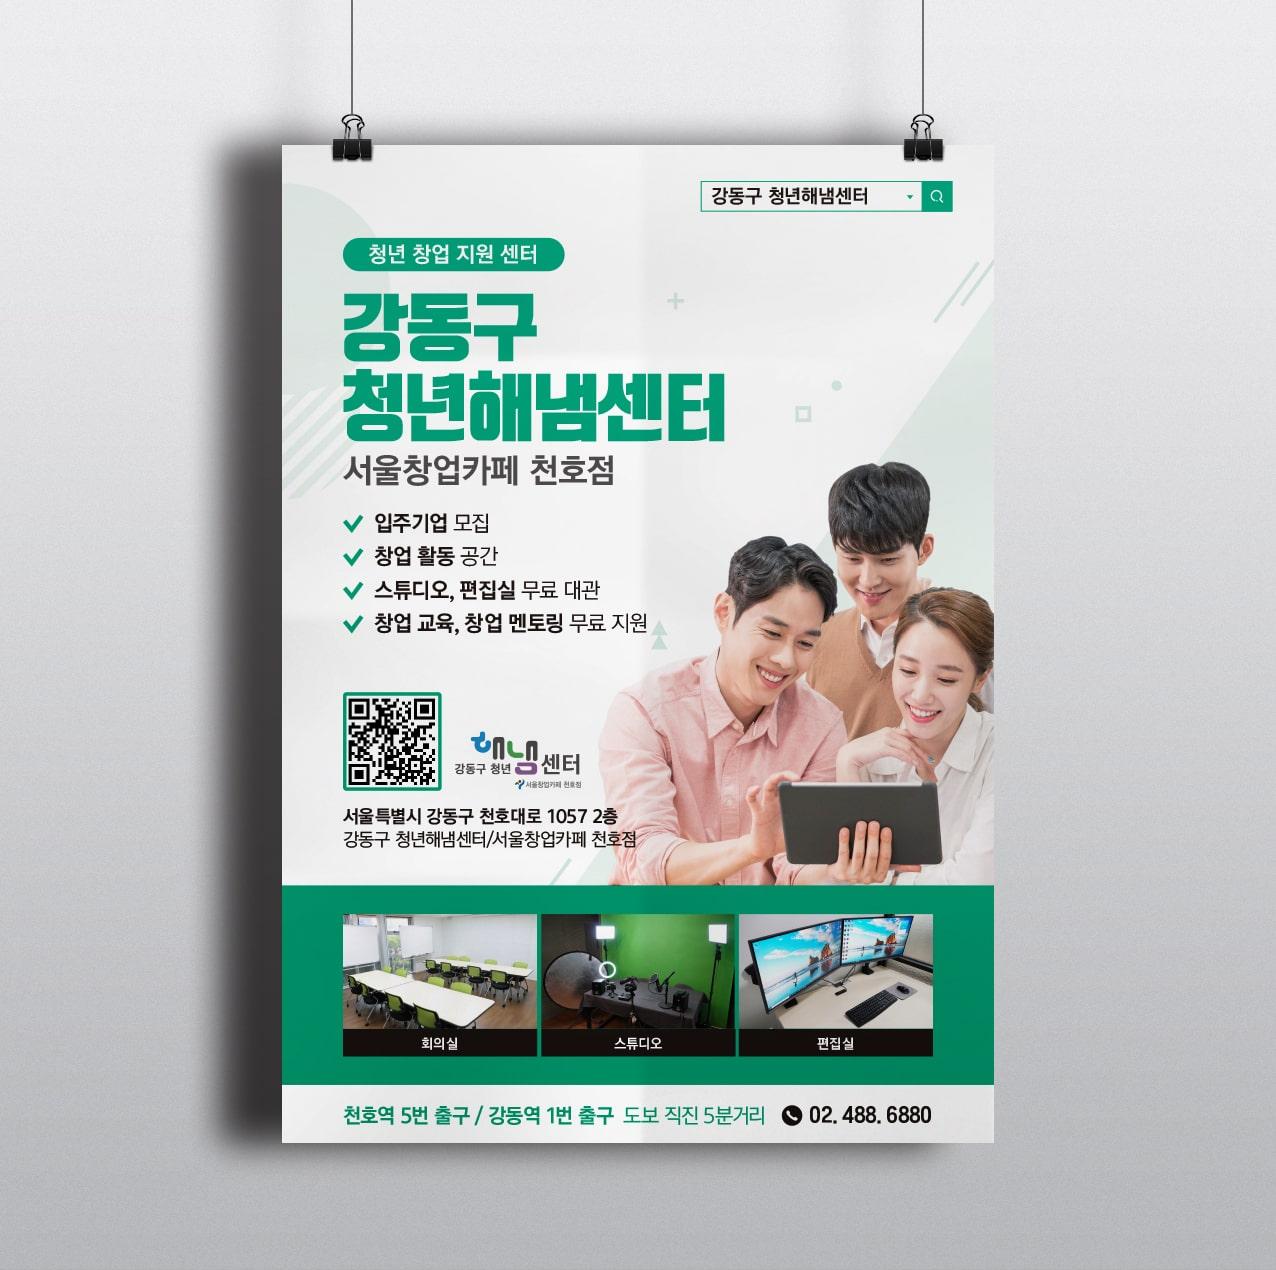 강동구 청년해냄센터 서울창업카페 천호점 - 강동구청년해냄센터